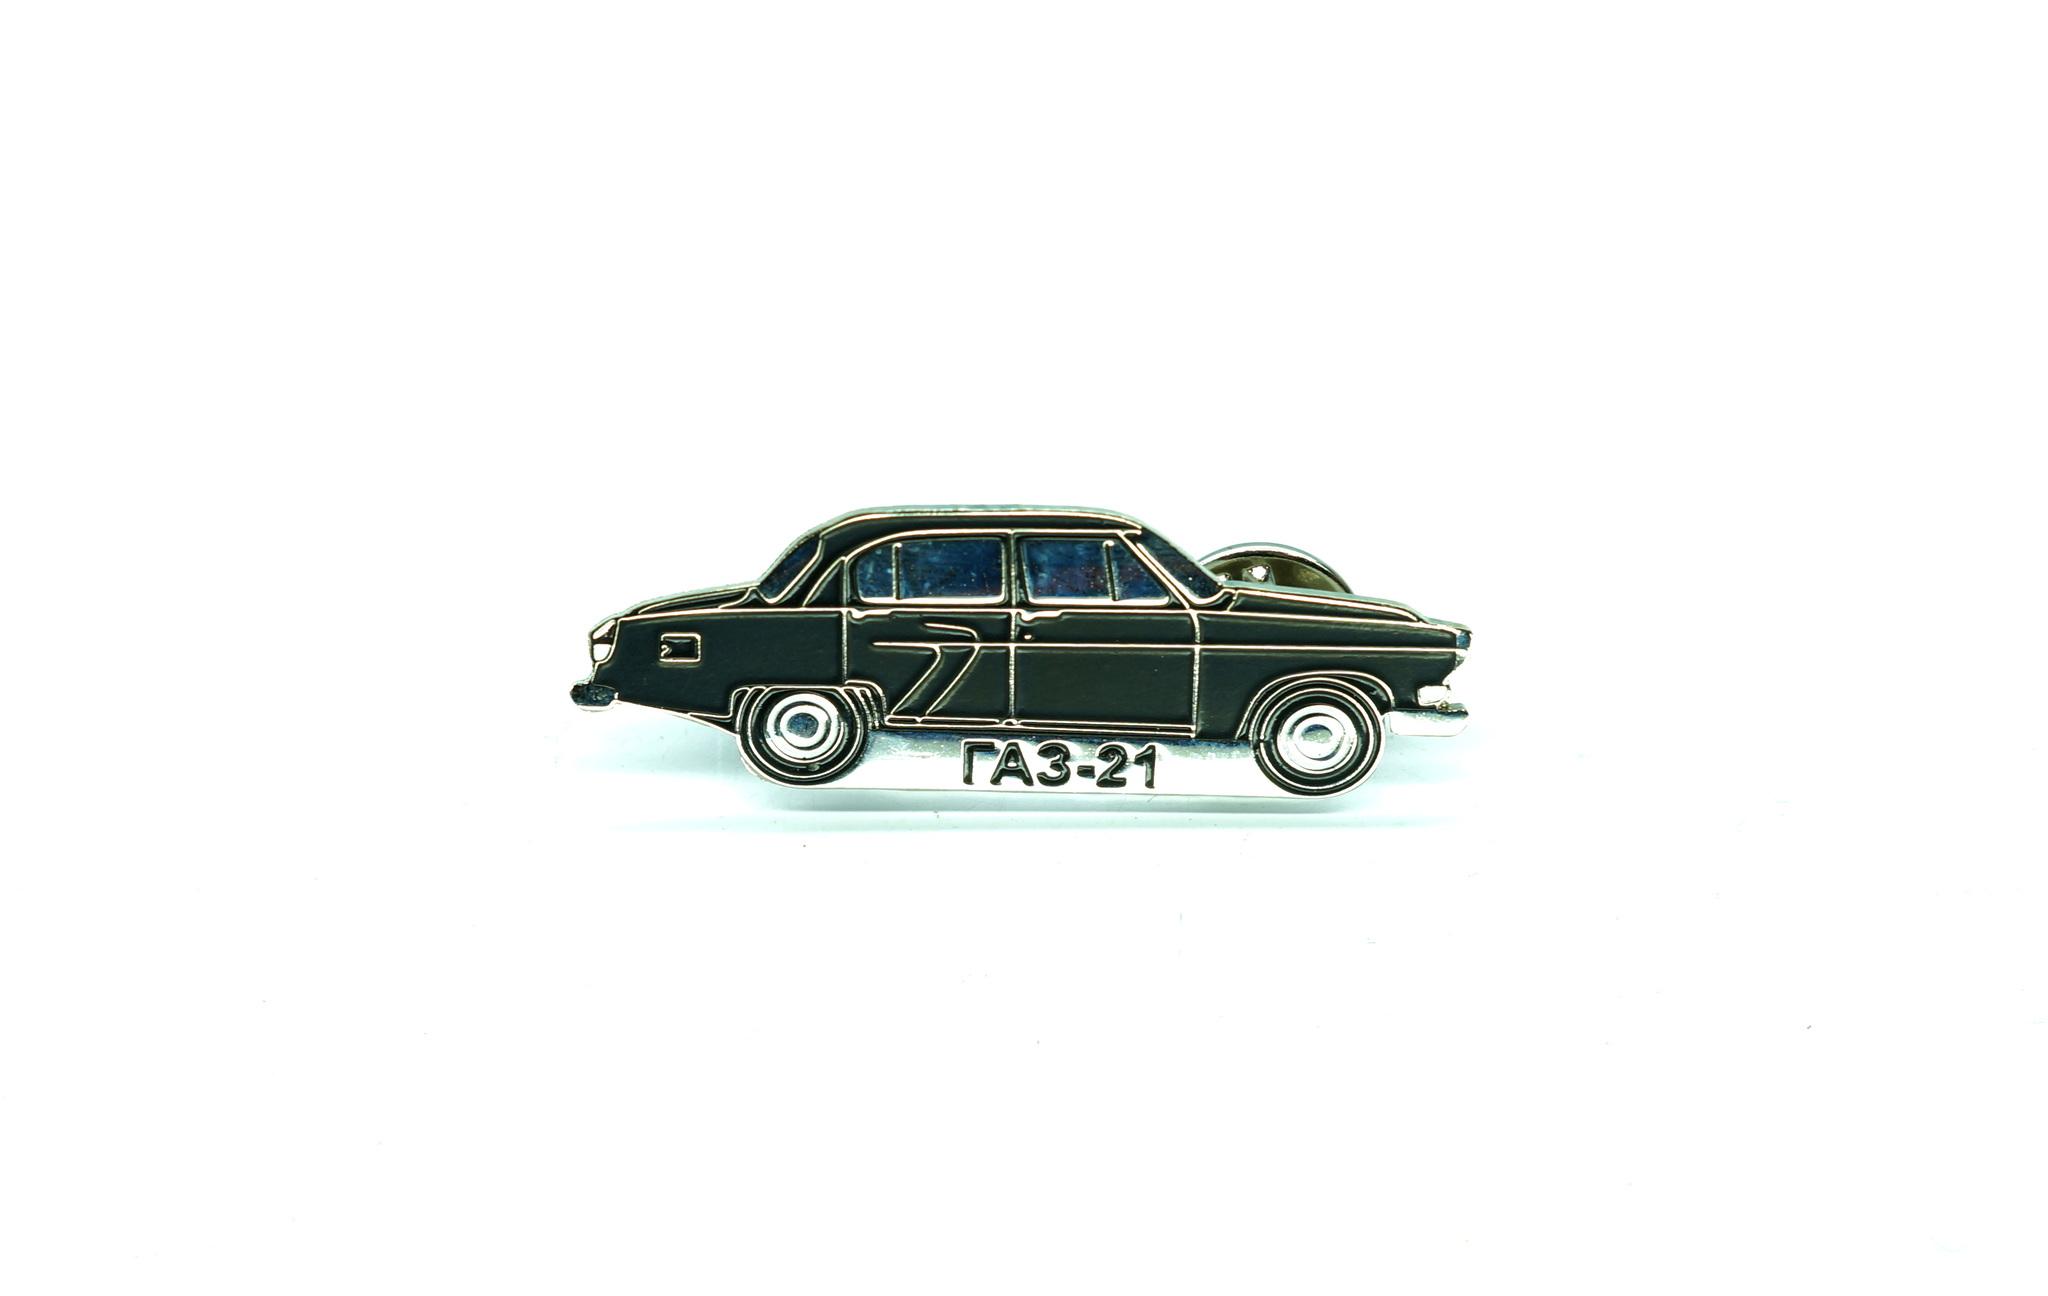 Значок ГАЗ 21